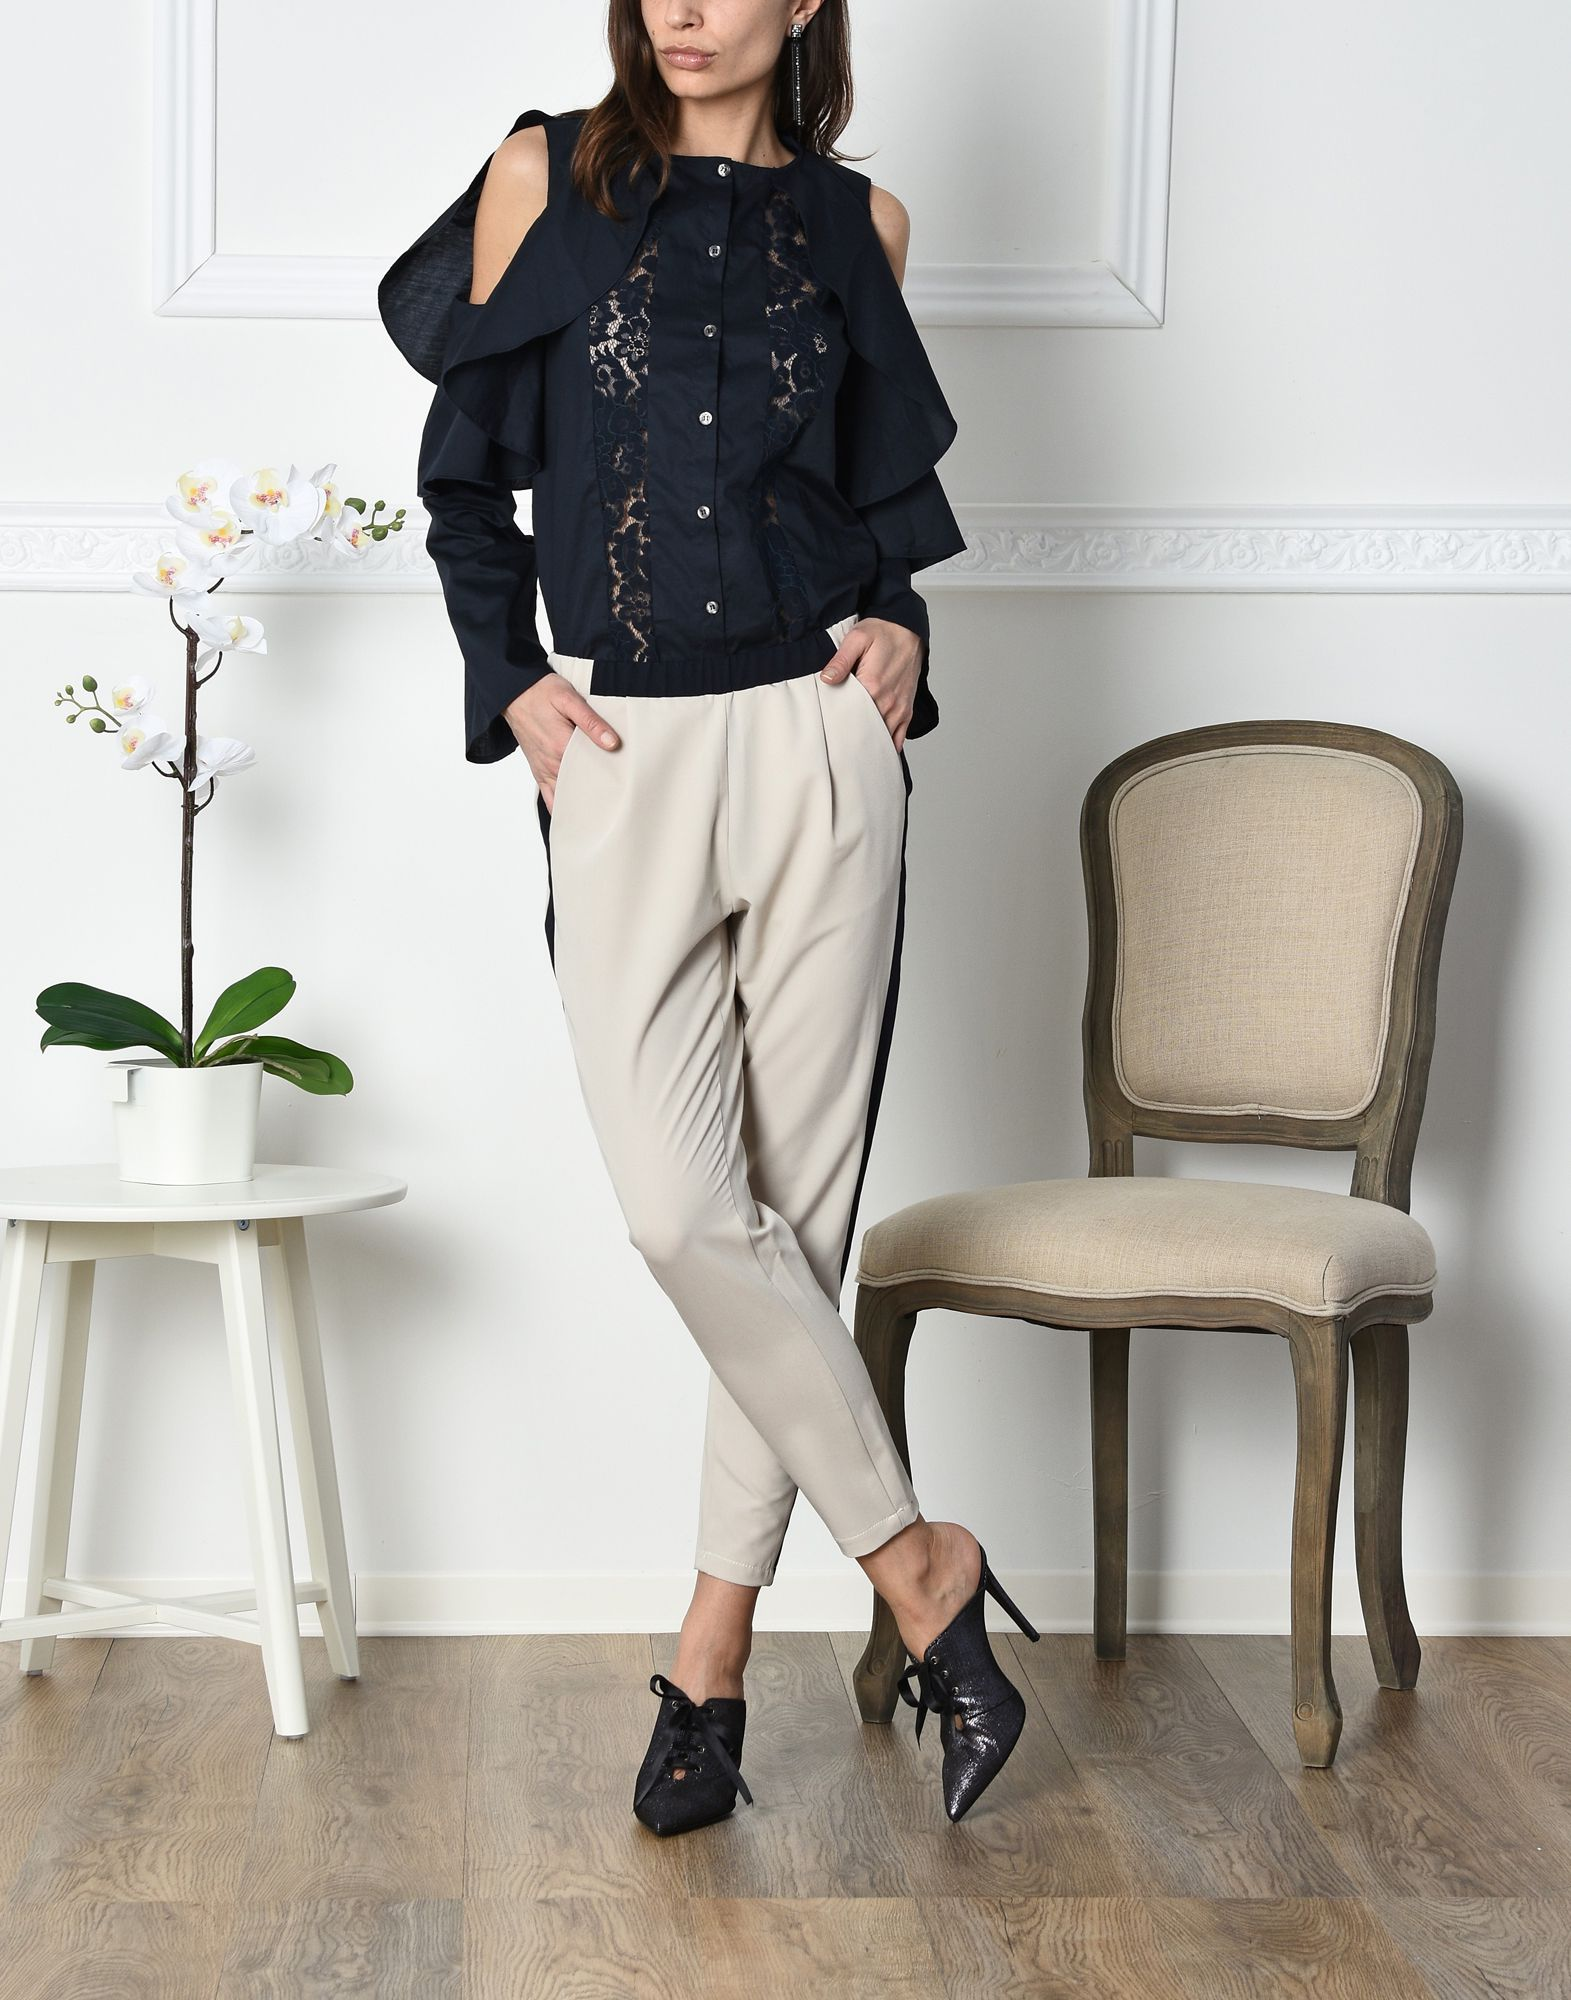 Jolie By Edward Edward By Spiers Pantoletten Damen  11448448JF Heiße Schuhe 31f943